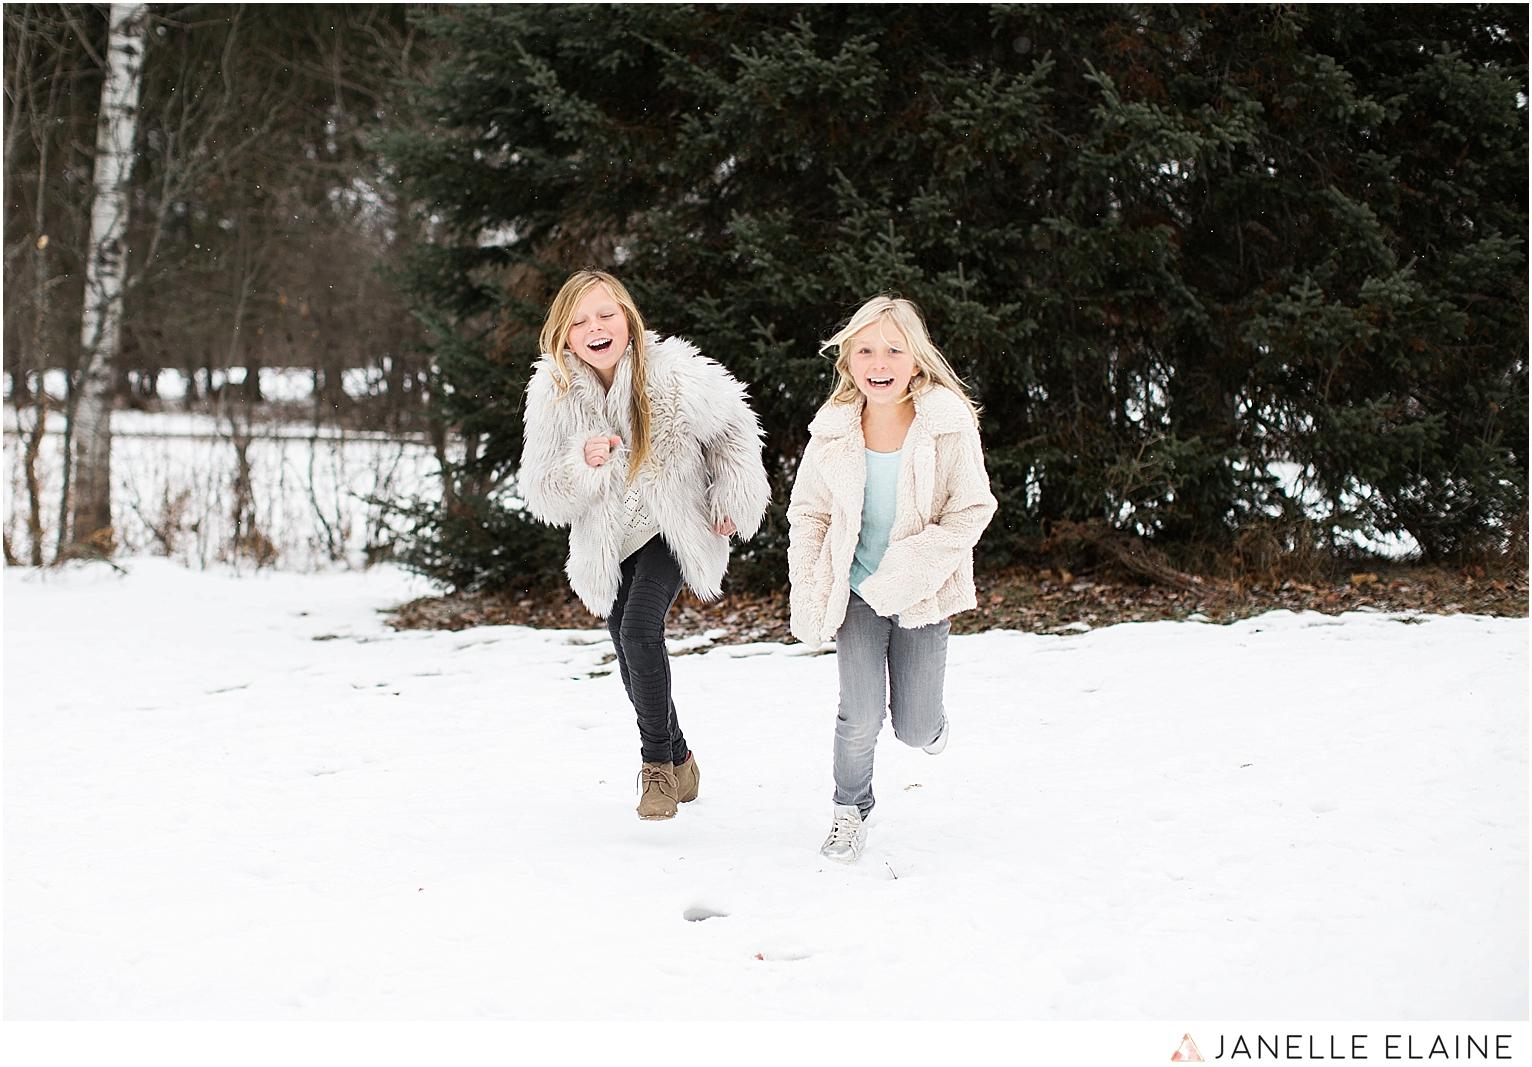 seattle-washington lifestyle photographer-janelle elaine-callie and char-28.jpg